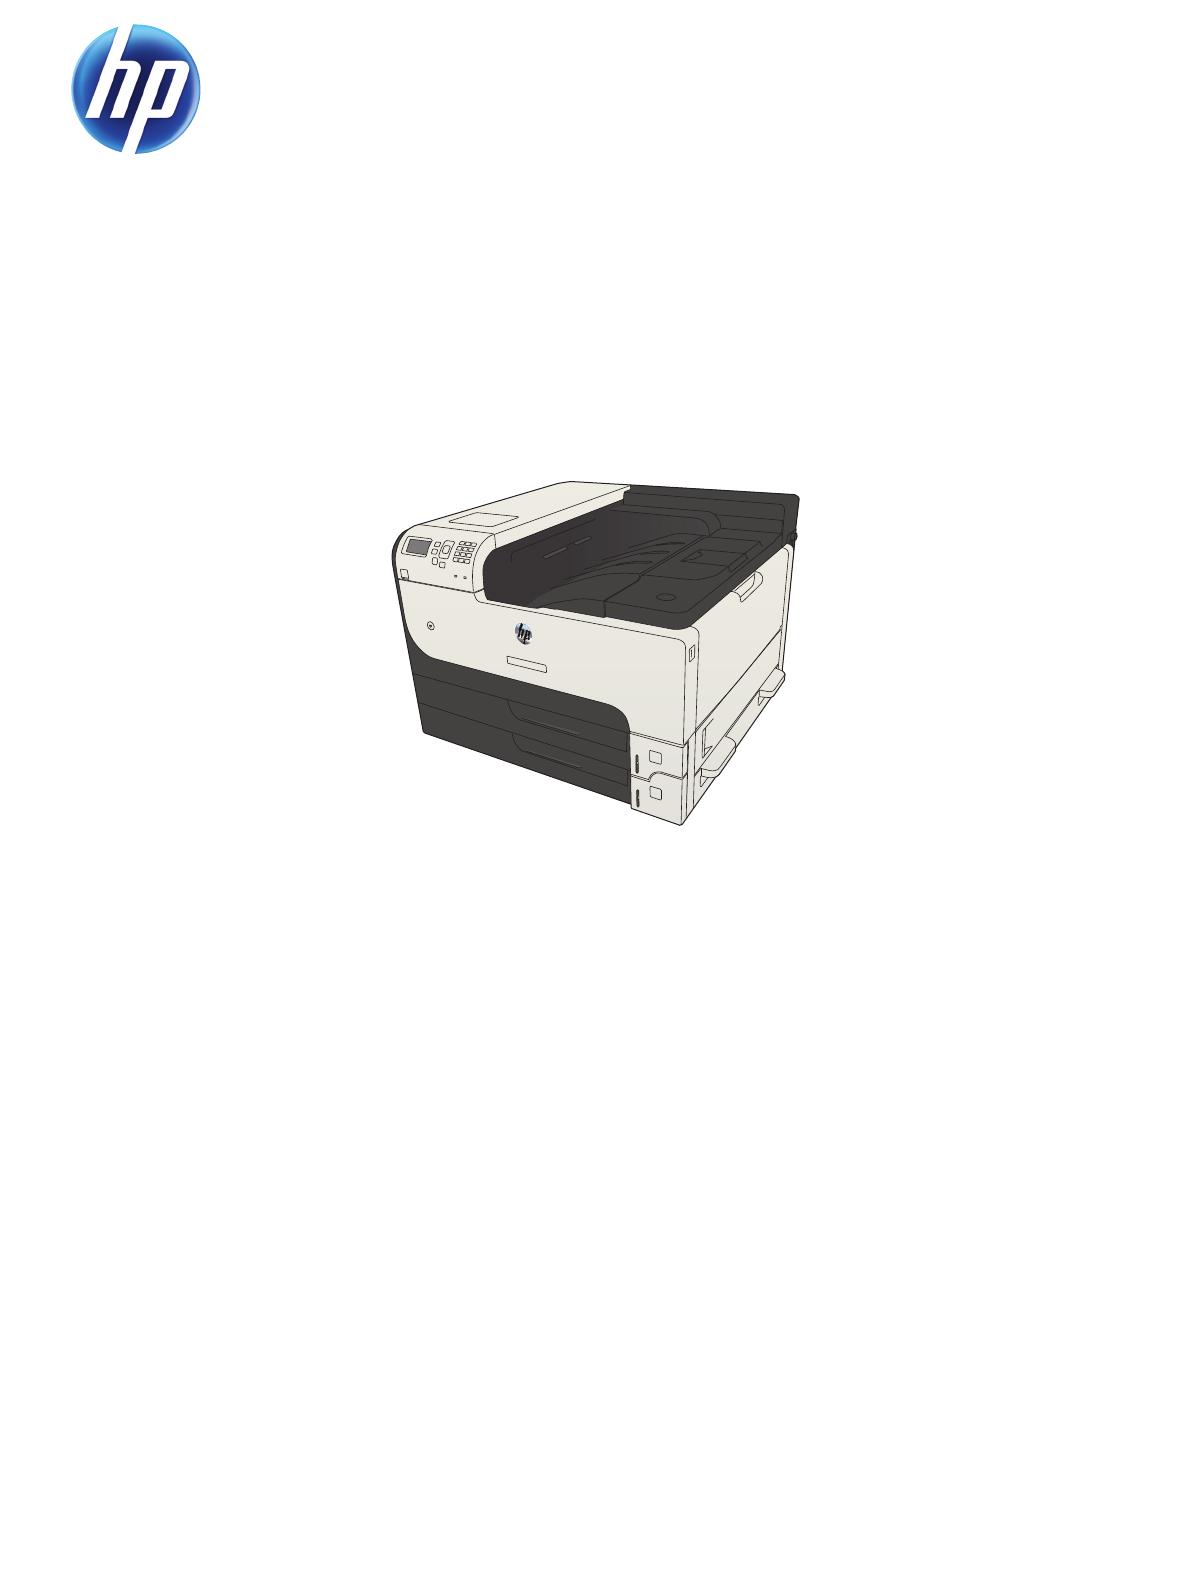 HP COLOR LASERJET ENTERPRISE CP5520 PRINTER SERIES Service Manual · Ask a  question about this product. LASERJET ENTERPRISE 700